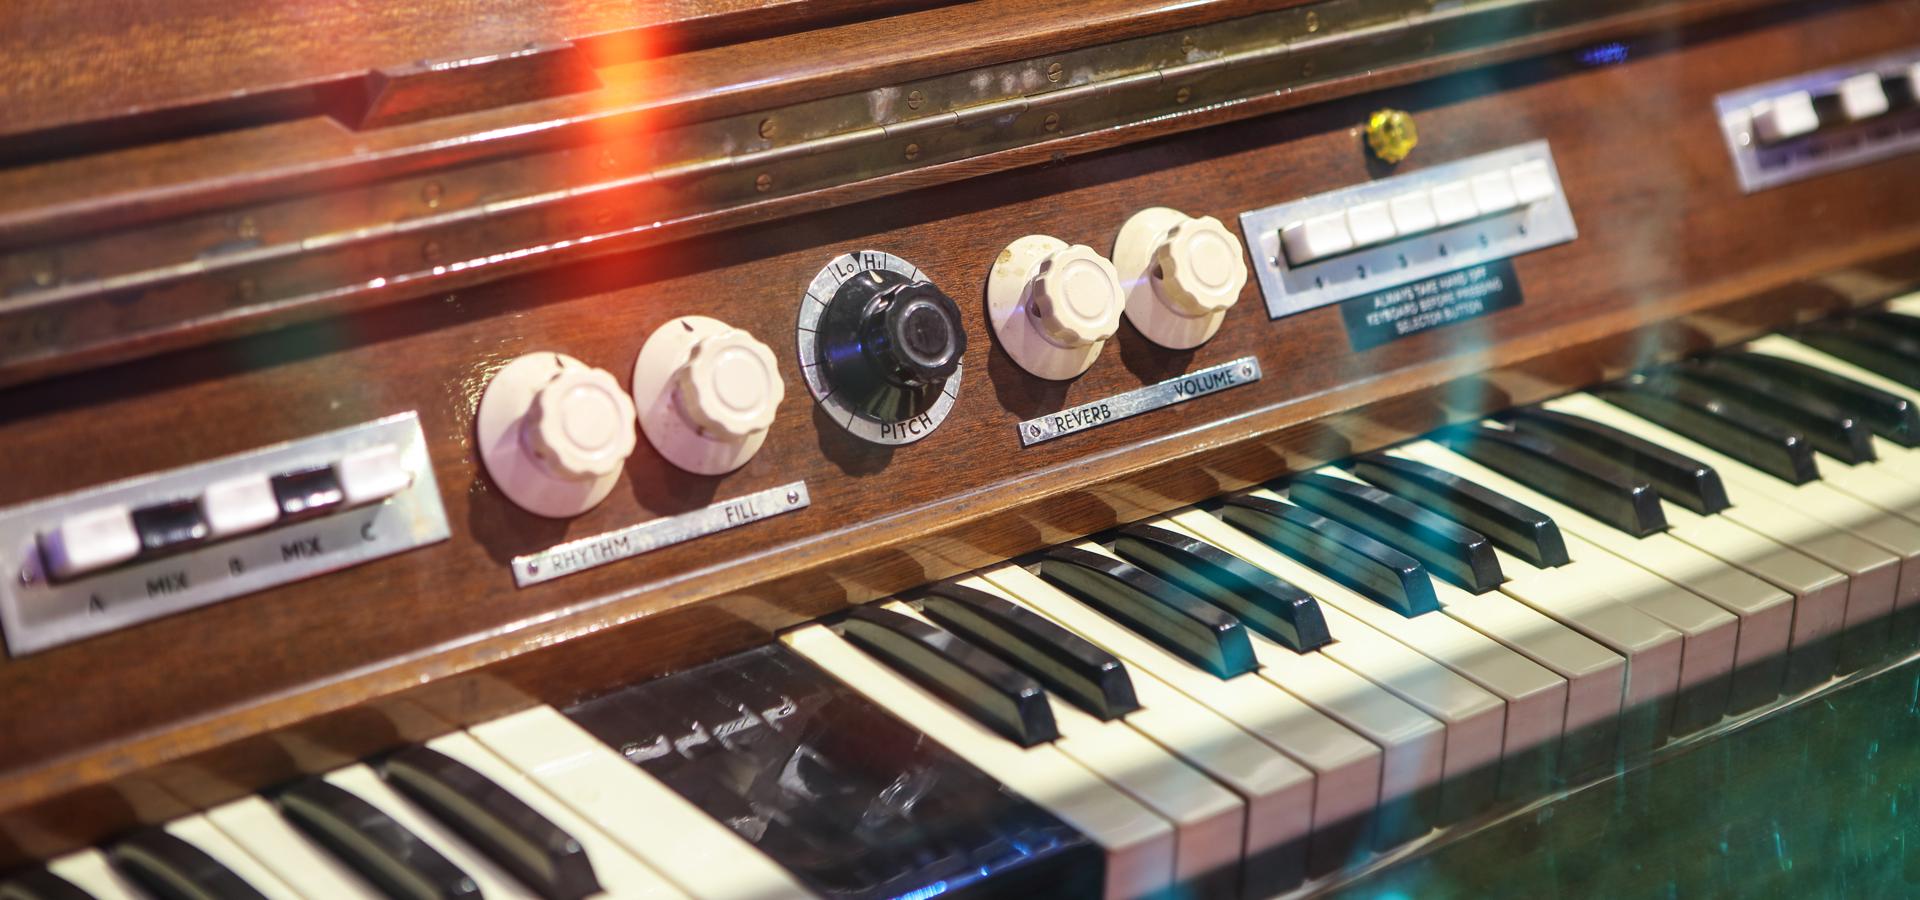 Memorabilia: The Mellotron MK11